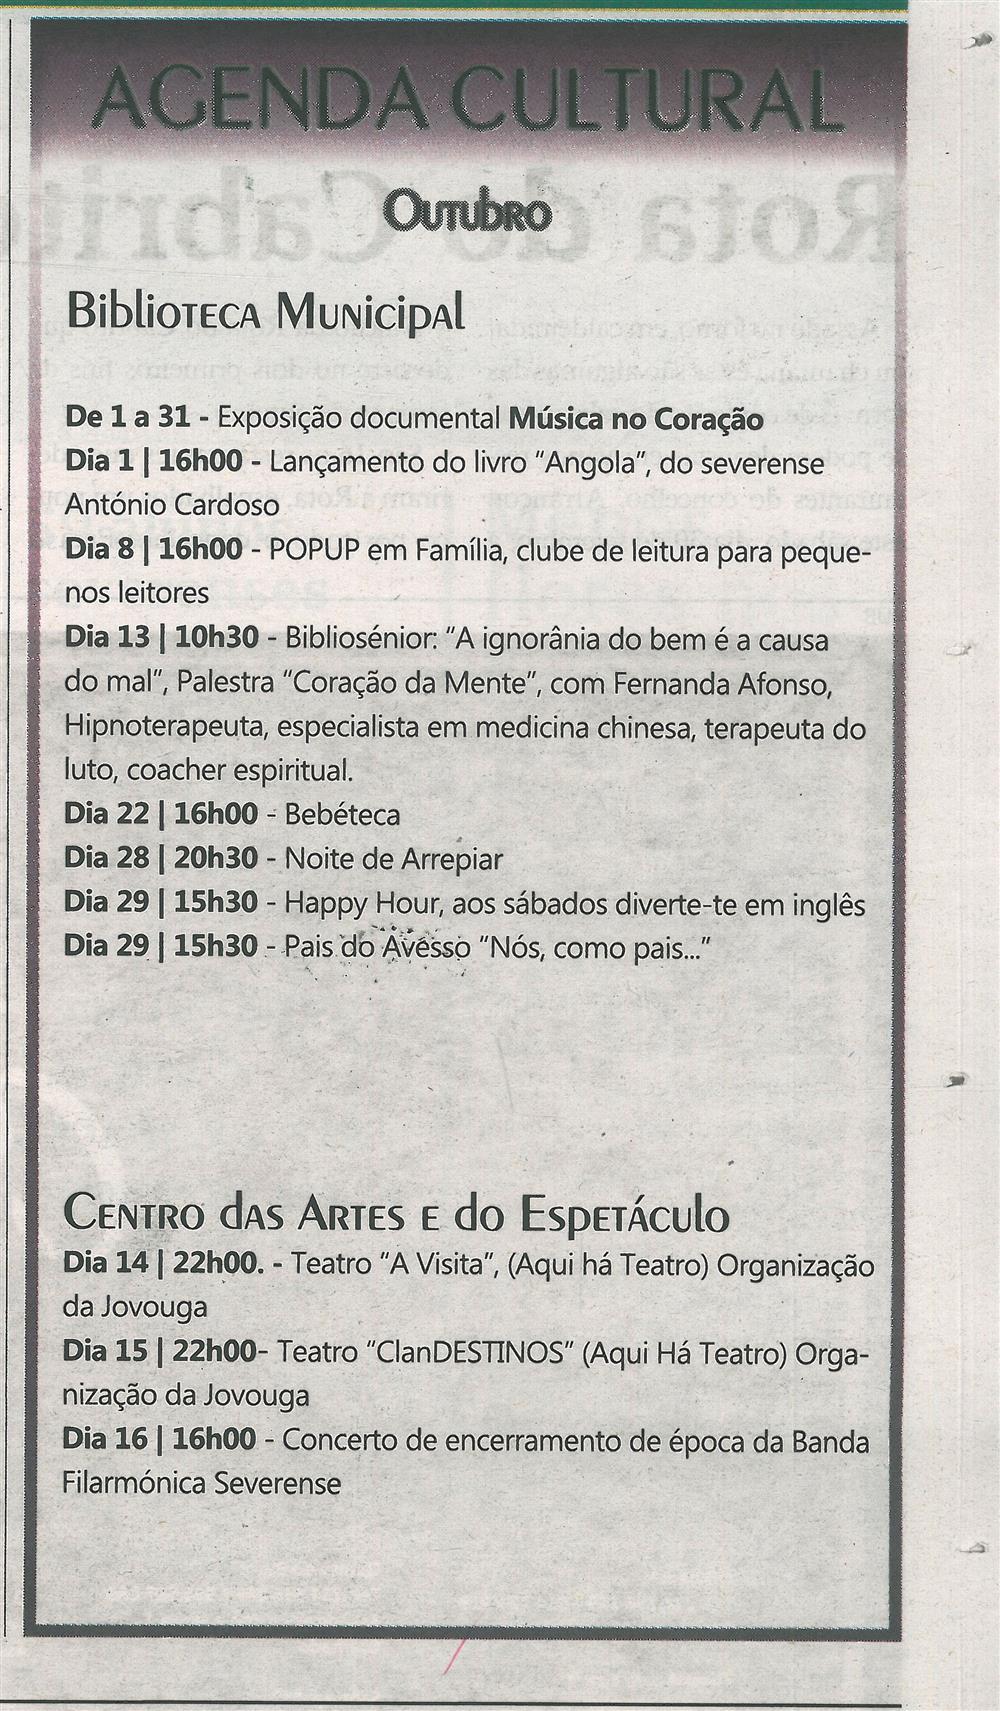 TV-out.'16-p.19-Agenda Cultural : outubro : Biblioteca Municipal : Centro das Artes e do Espetáculo.jpg